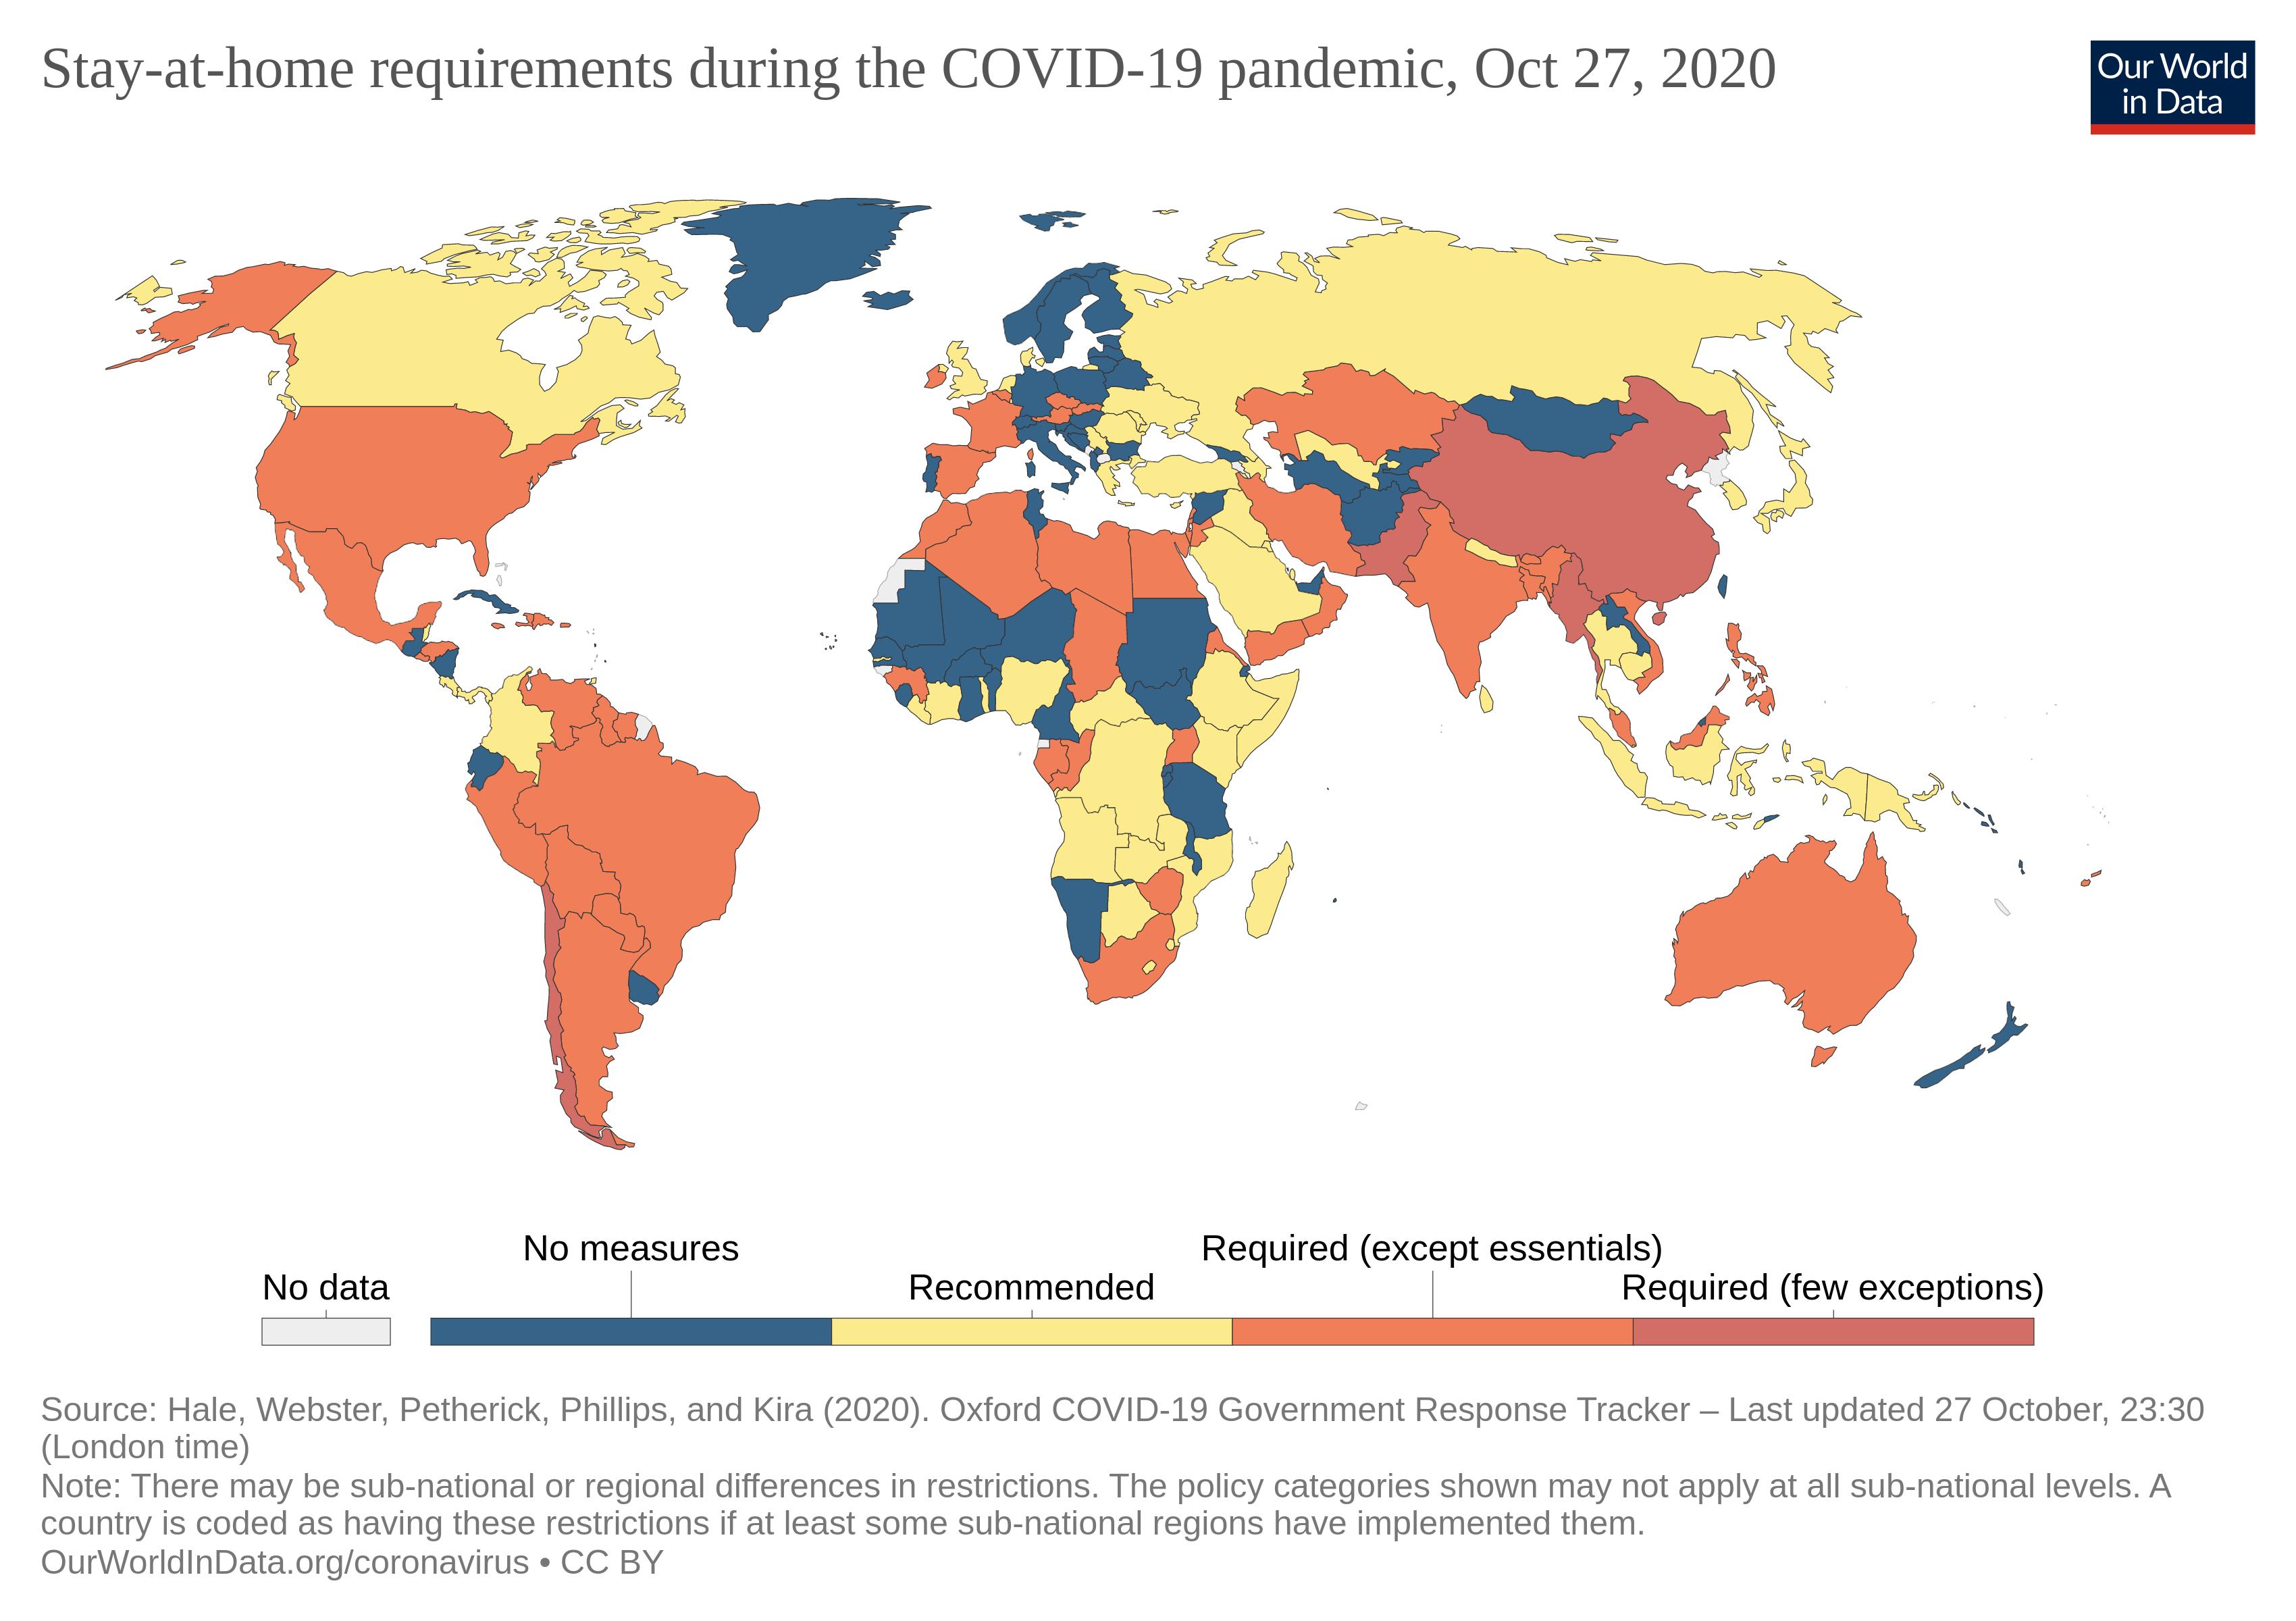 نمودار ۴ - مقایسه قوانین محدود کننده در کشورهای جهان